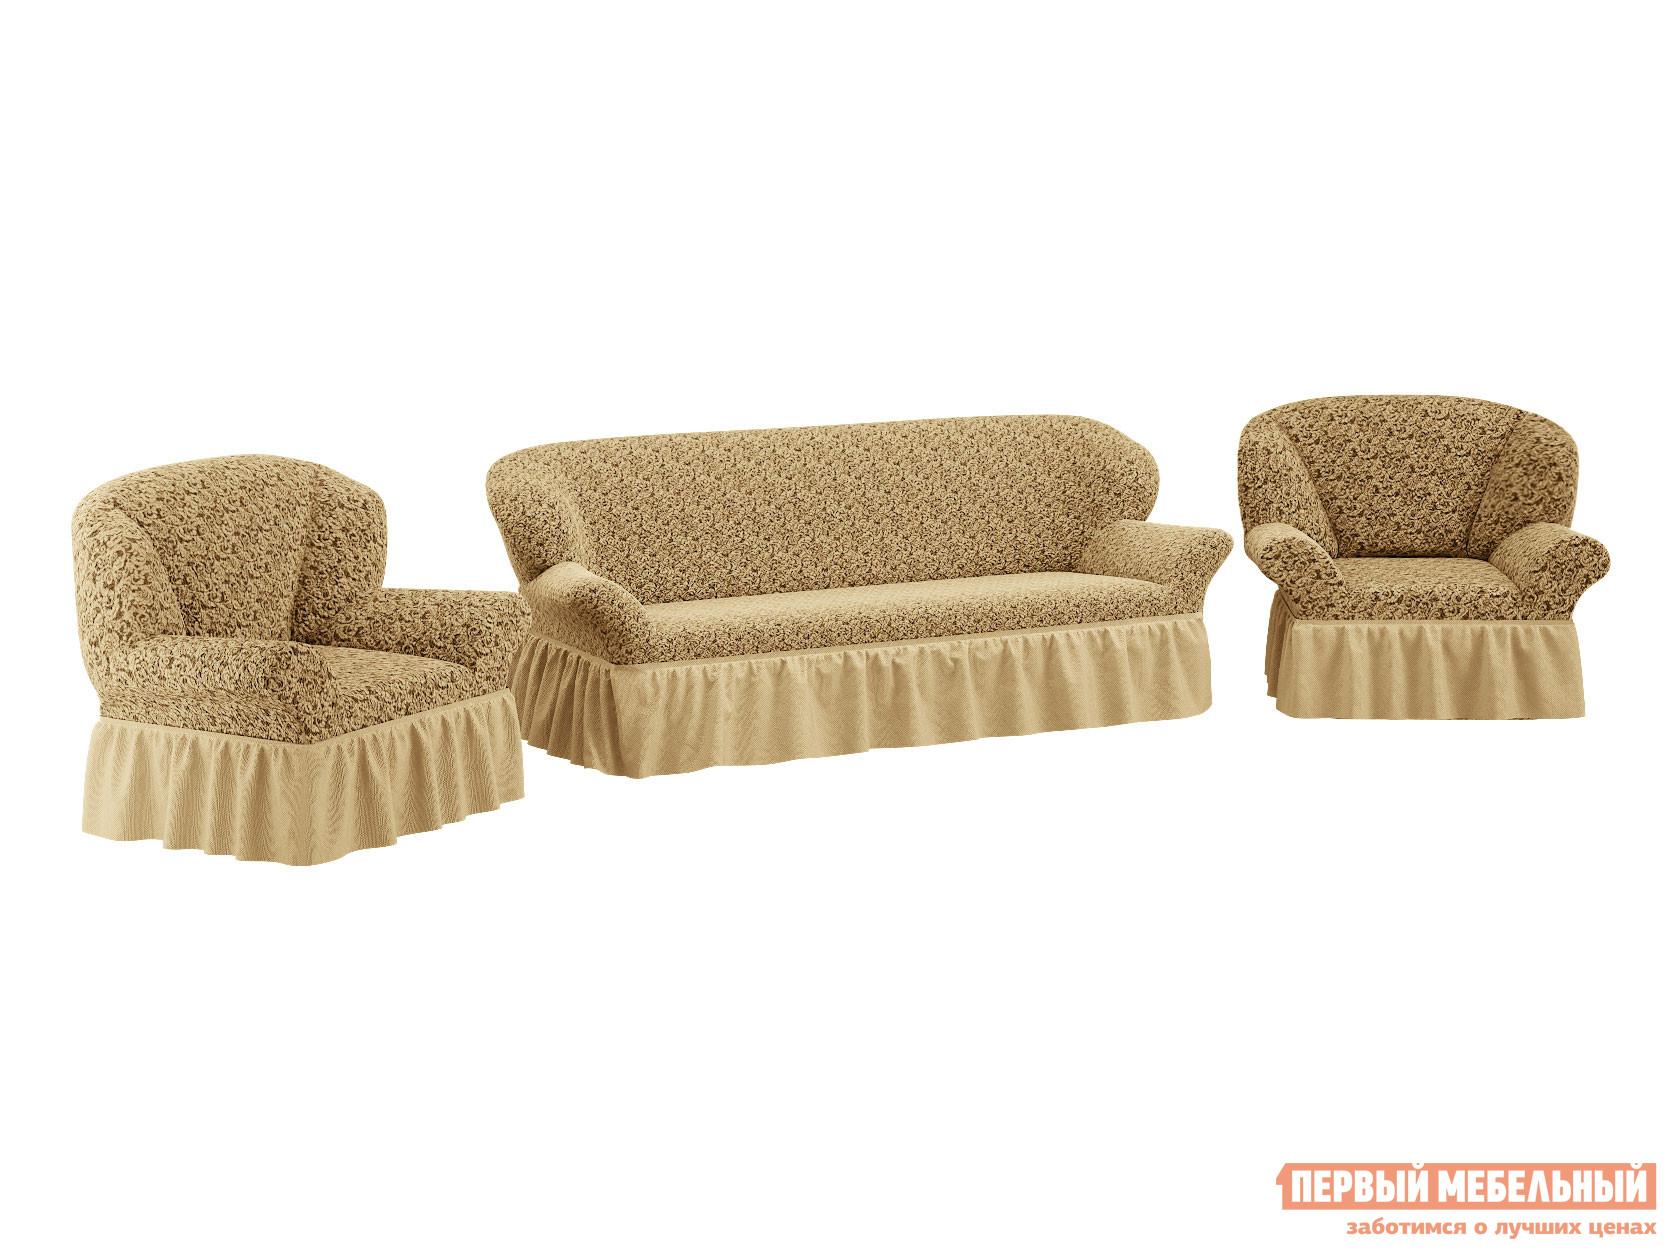 Комплект чехлов Первый Мебельный Чехол на трехместный диван и два кресла жаккард с юбкой